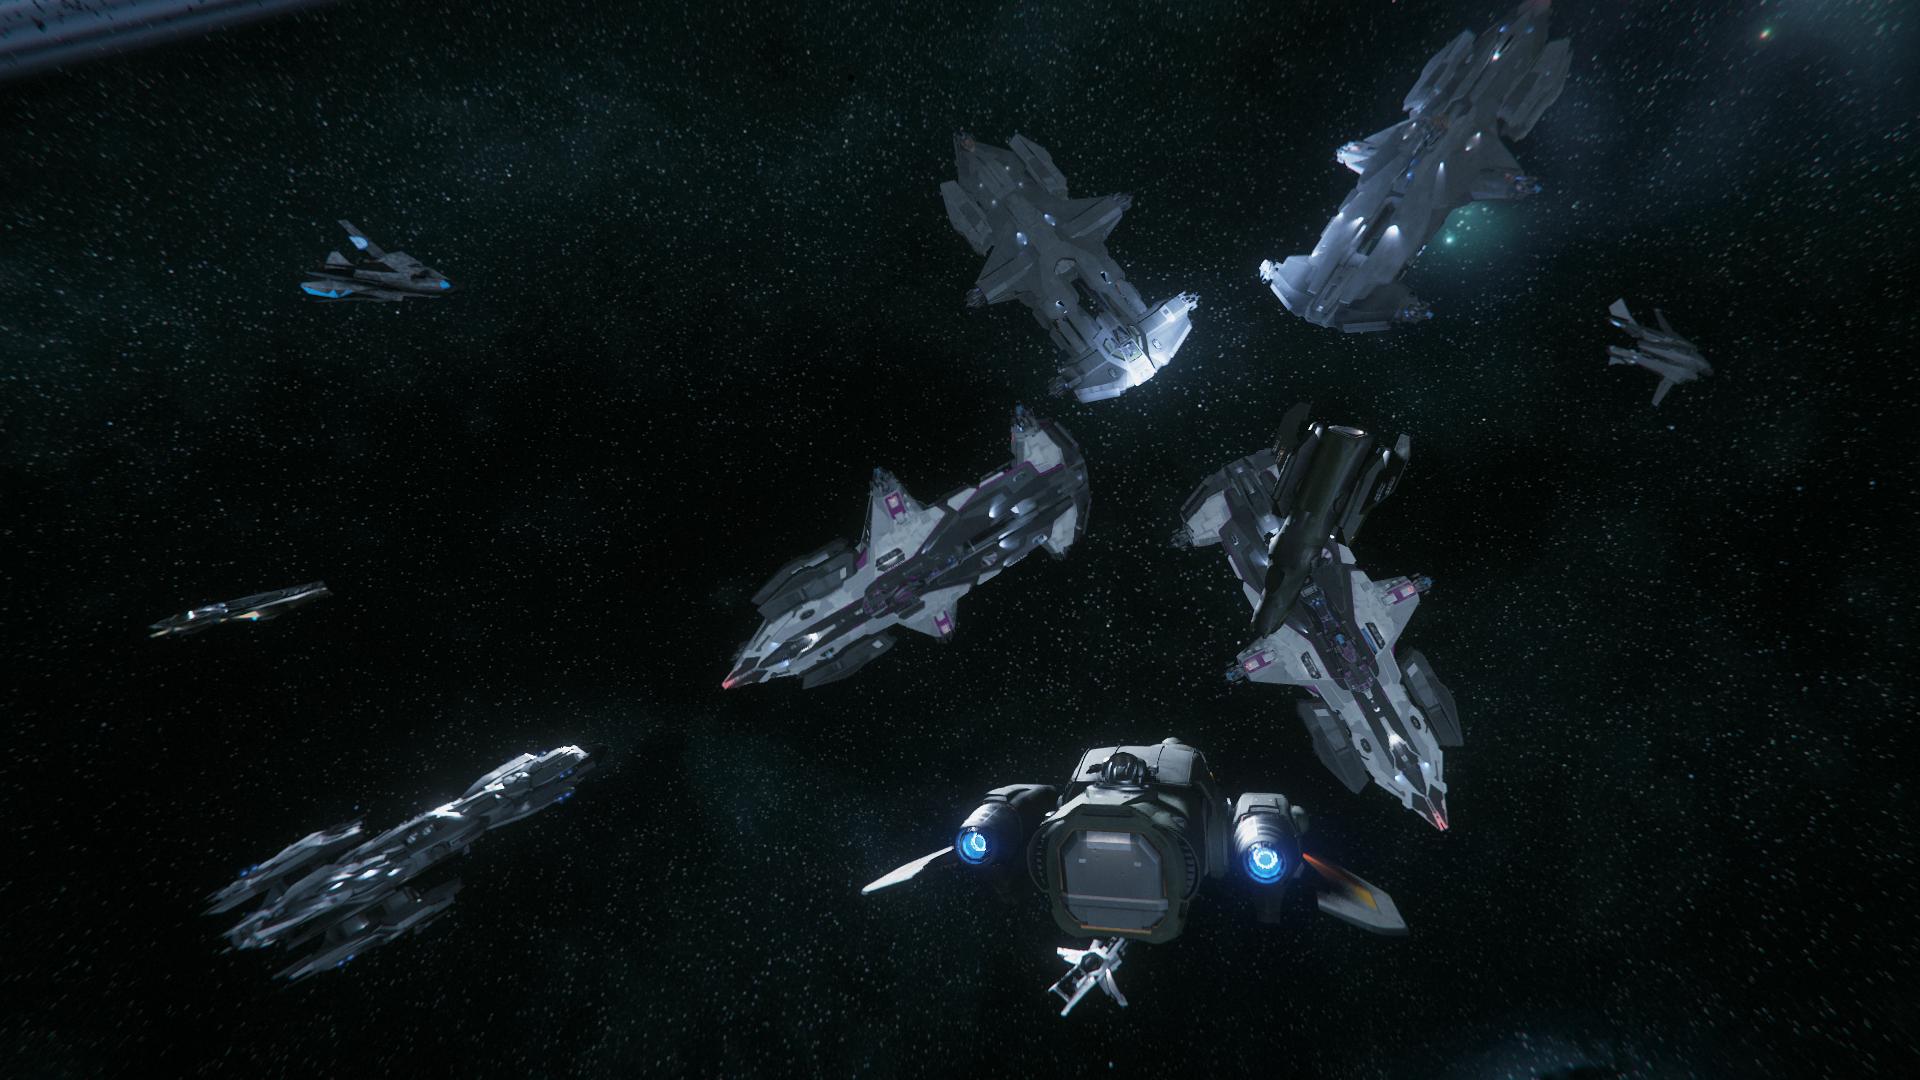 Squadron 42 - Star Citizen Screenshot 2019.12.27 - 21.35.34.52